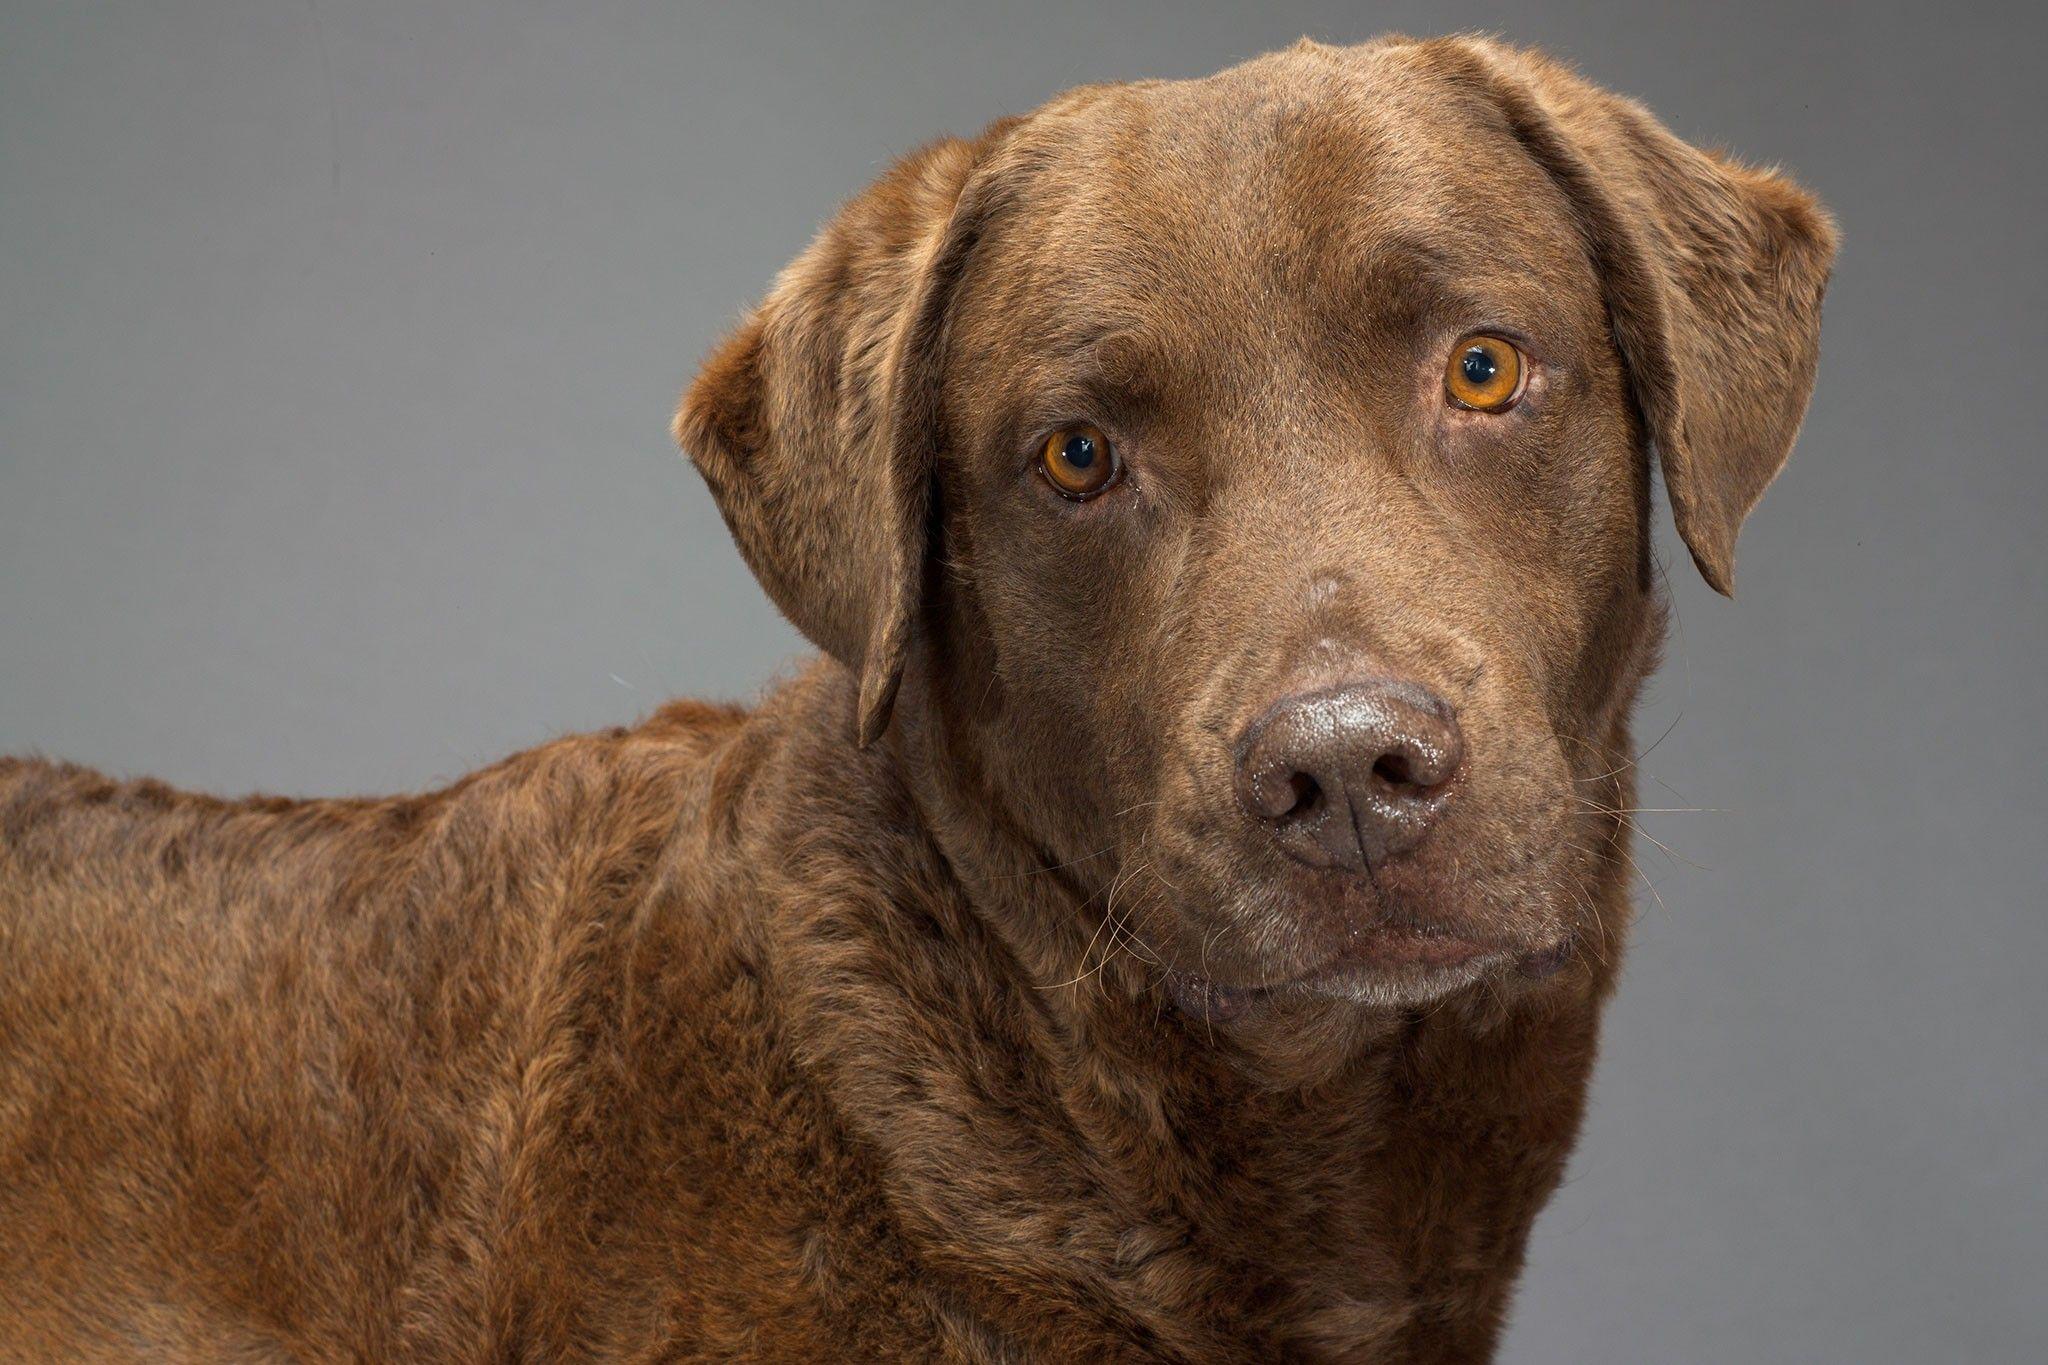 Jahrhunderte der Zucht veränderten das Hundegehirn | National Geographic